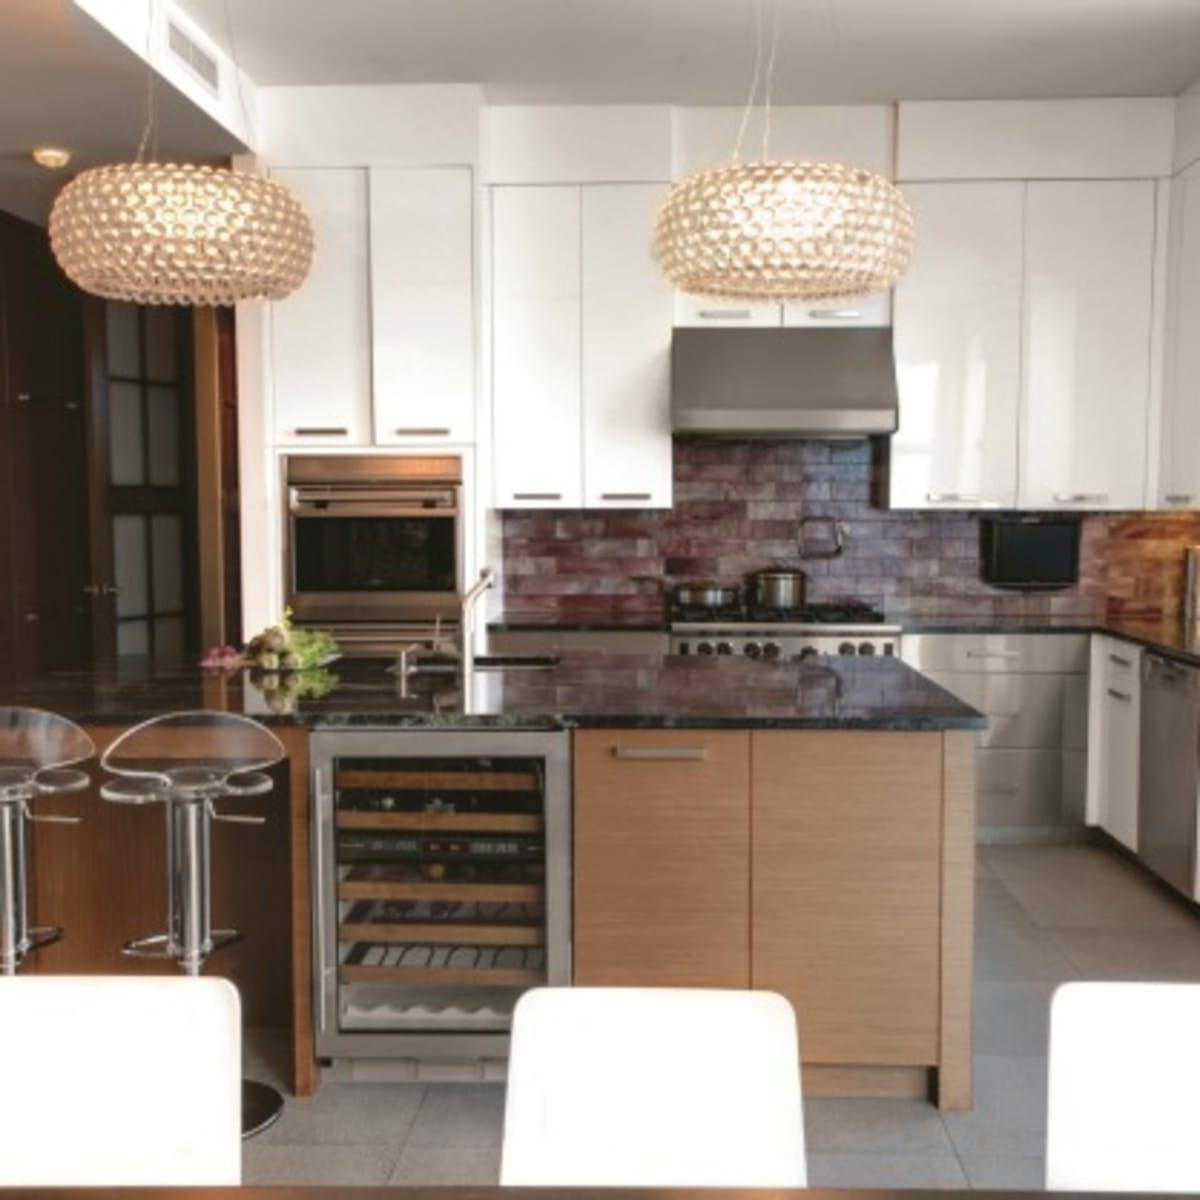 Kitchen Design Ideas Zen With A Fresh Color Palette Jamie Geller